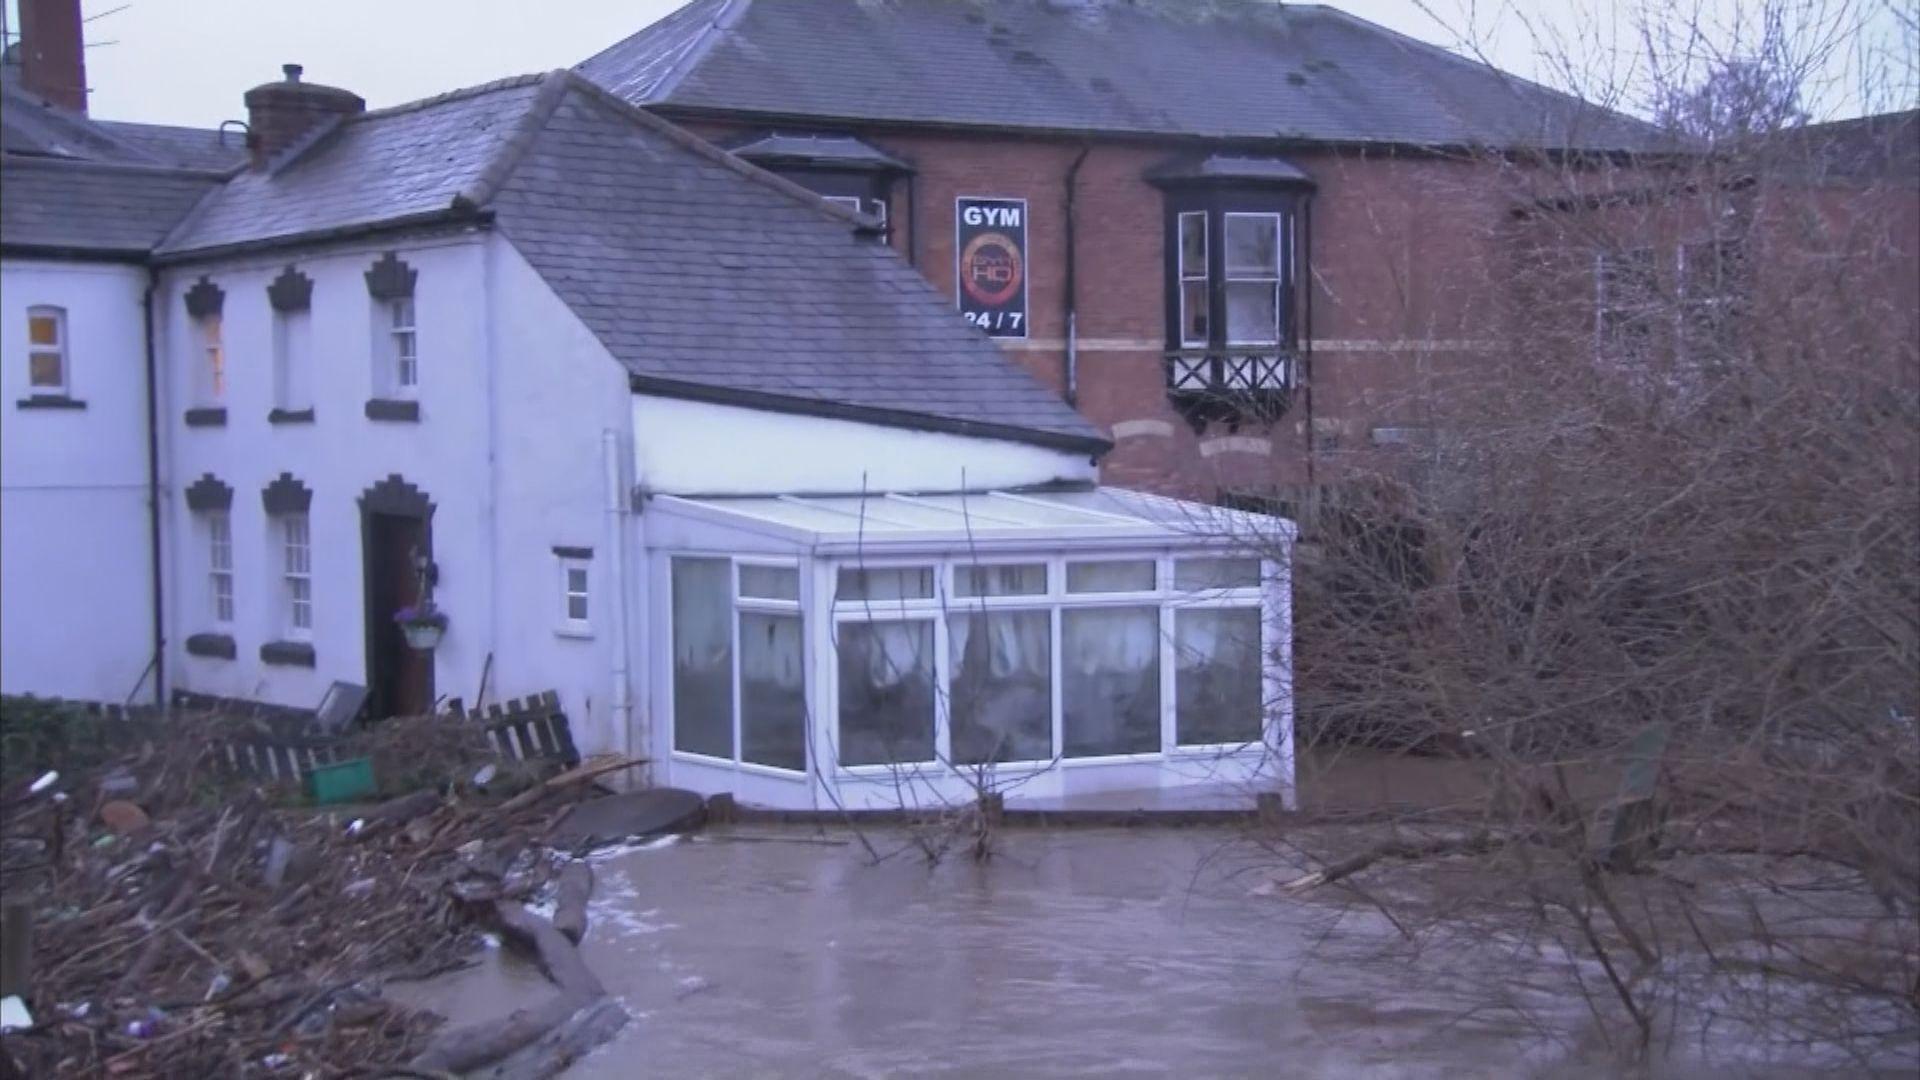 風暴丹尼斯續為英國帶來惡劣天氣